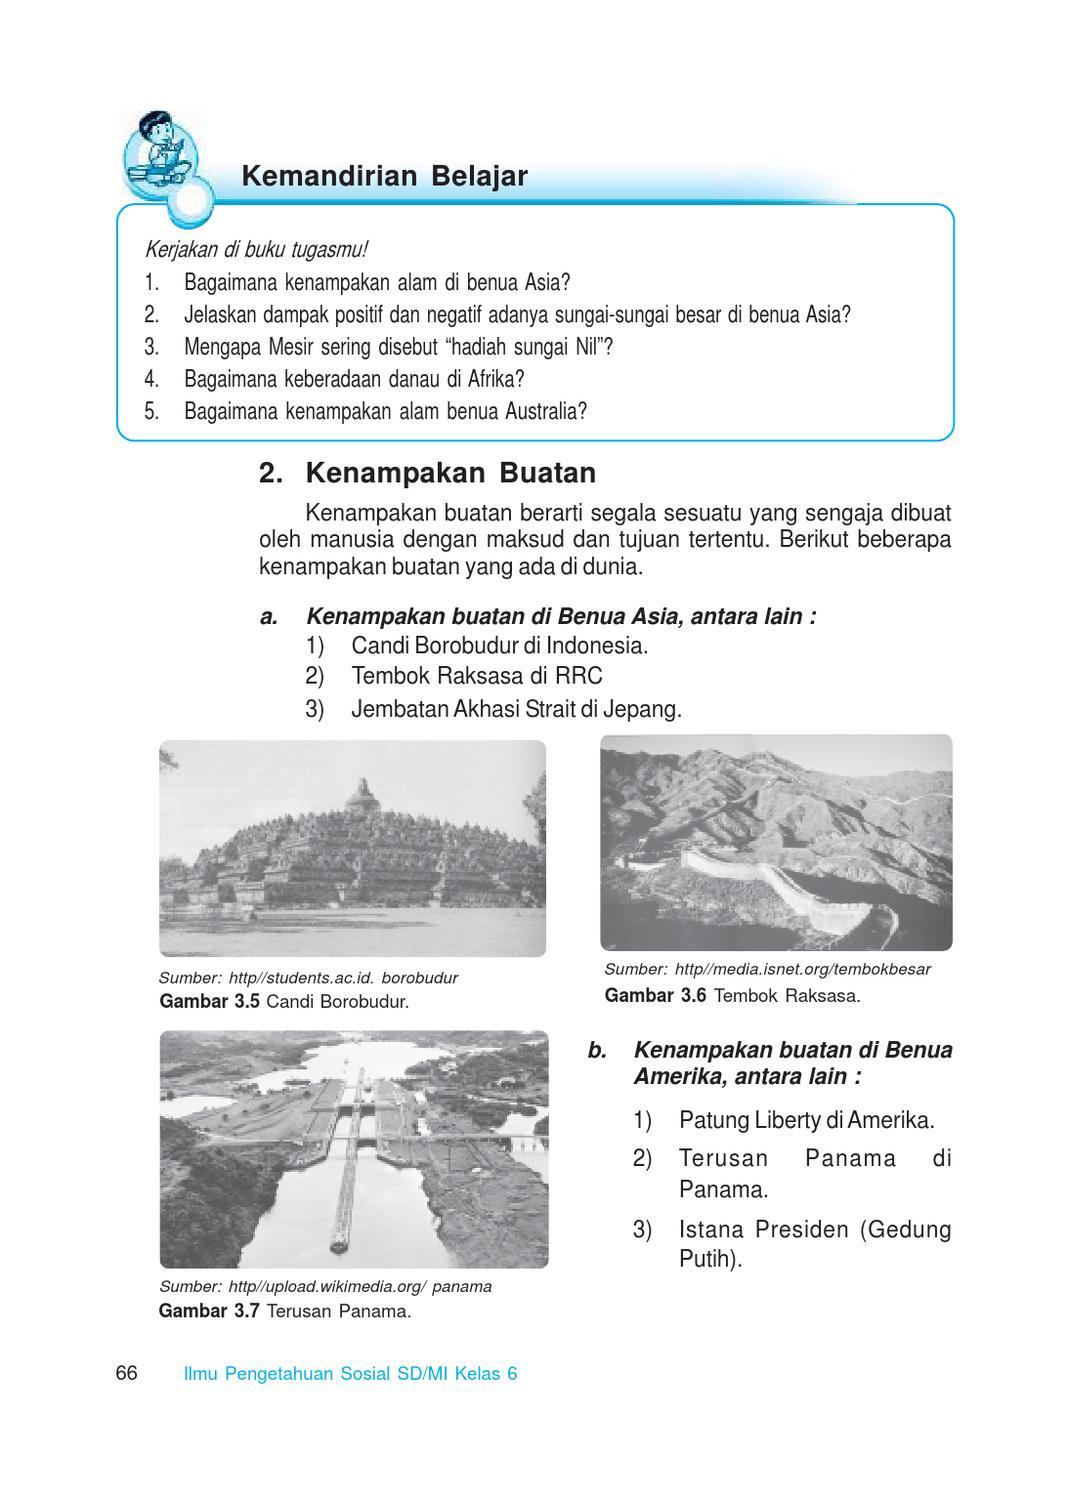 Kelas 6 Ilmu Pengetahuan Sosial Sutoyo By Yeti Herawati Issuu